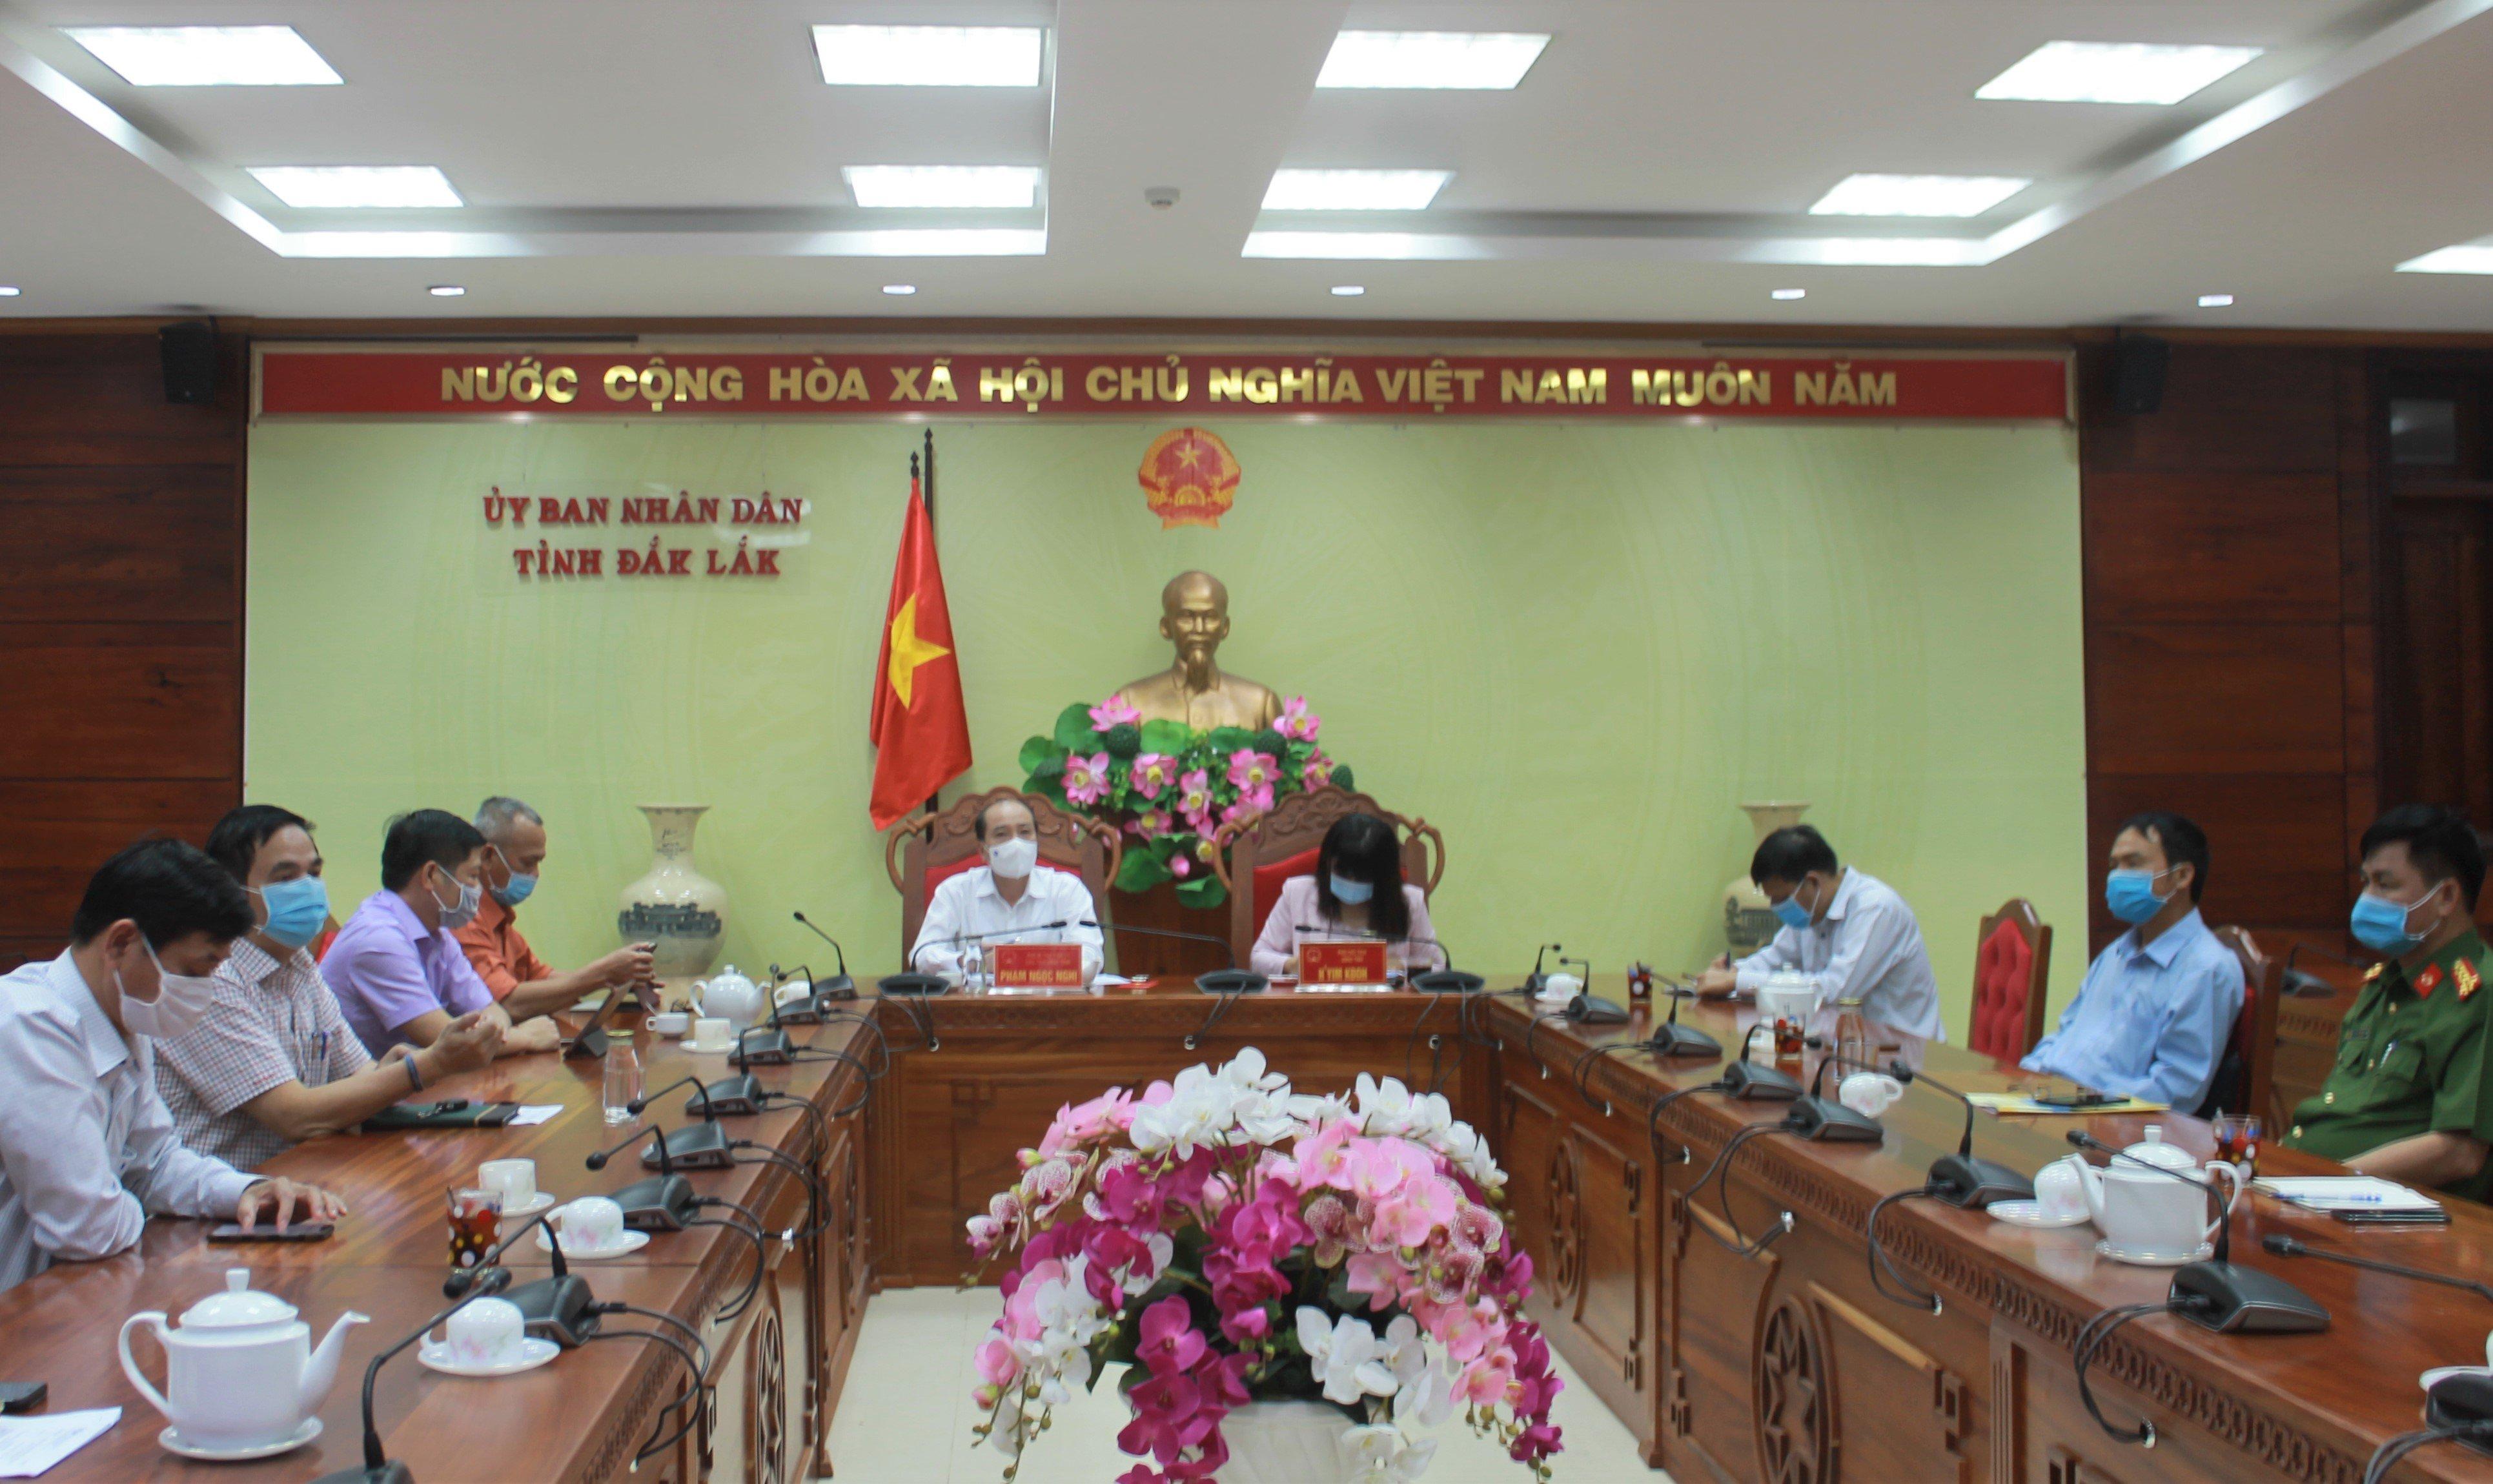 Chính phủ họp trực tuyến về công tác chống dịch Covid-19